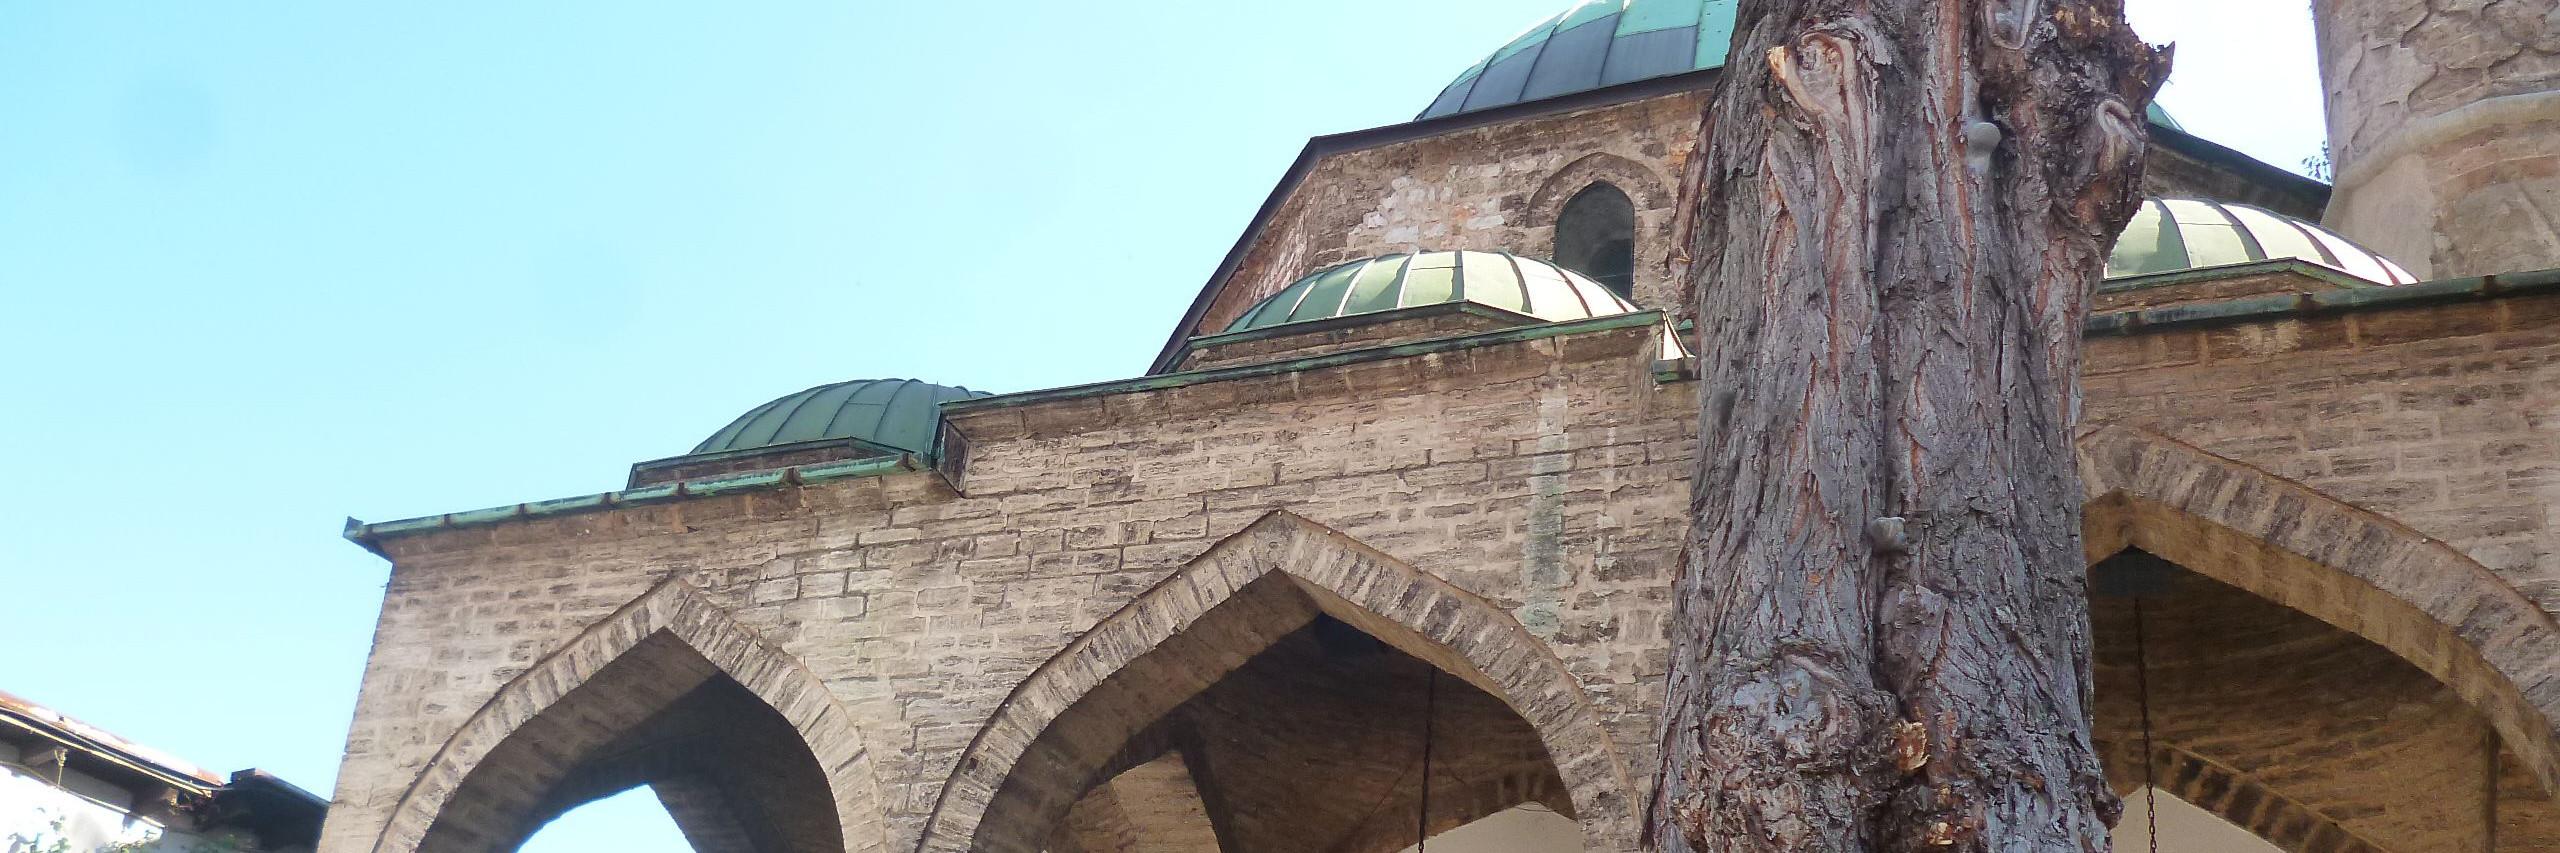 Башчаршийская мечеть. Фото: Елена Арсениевич, CC BY-SA 3.0